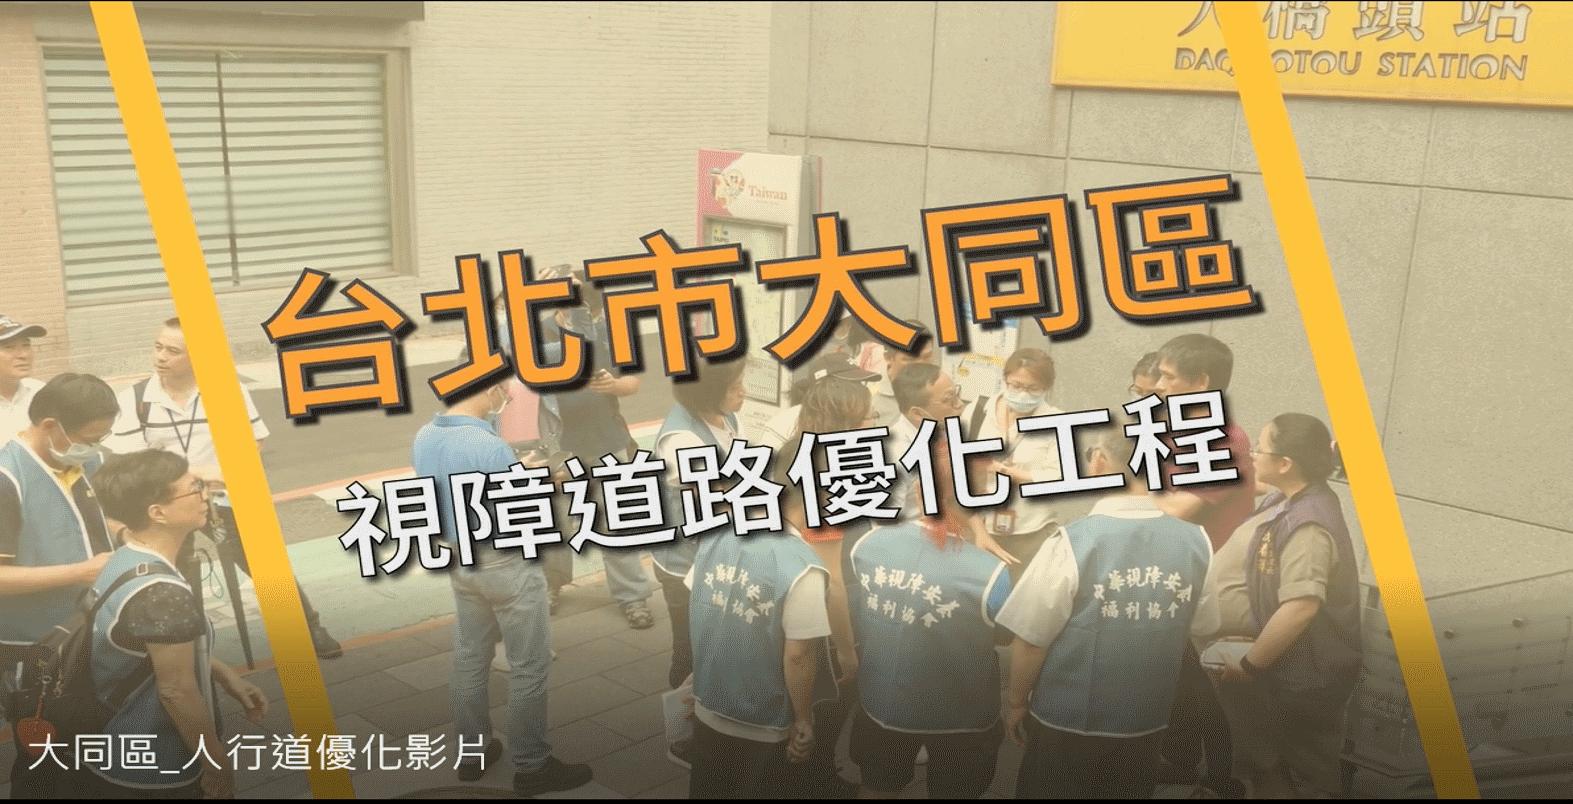 109年度臺北市大同區視障道路優化工程